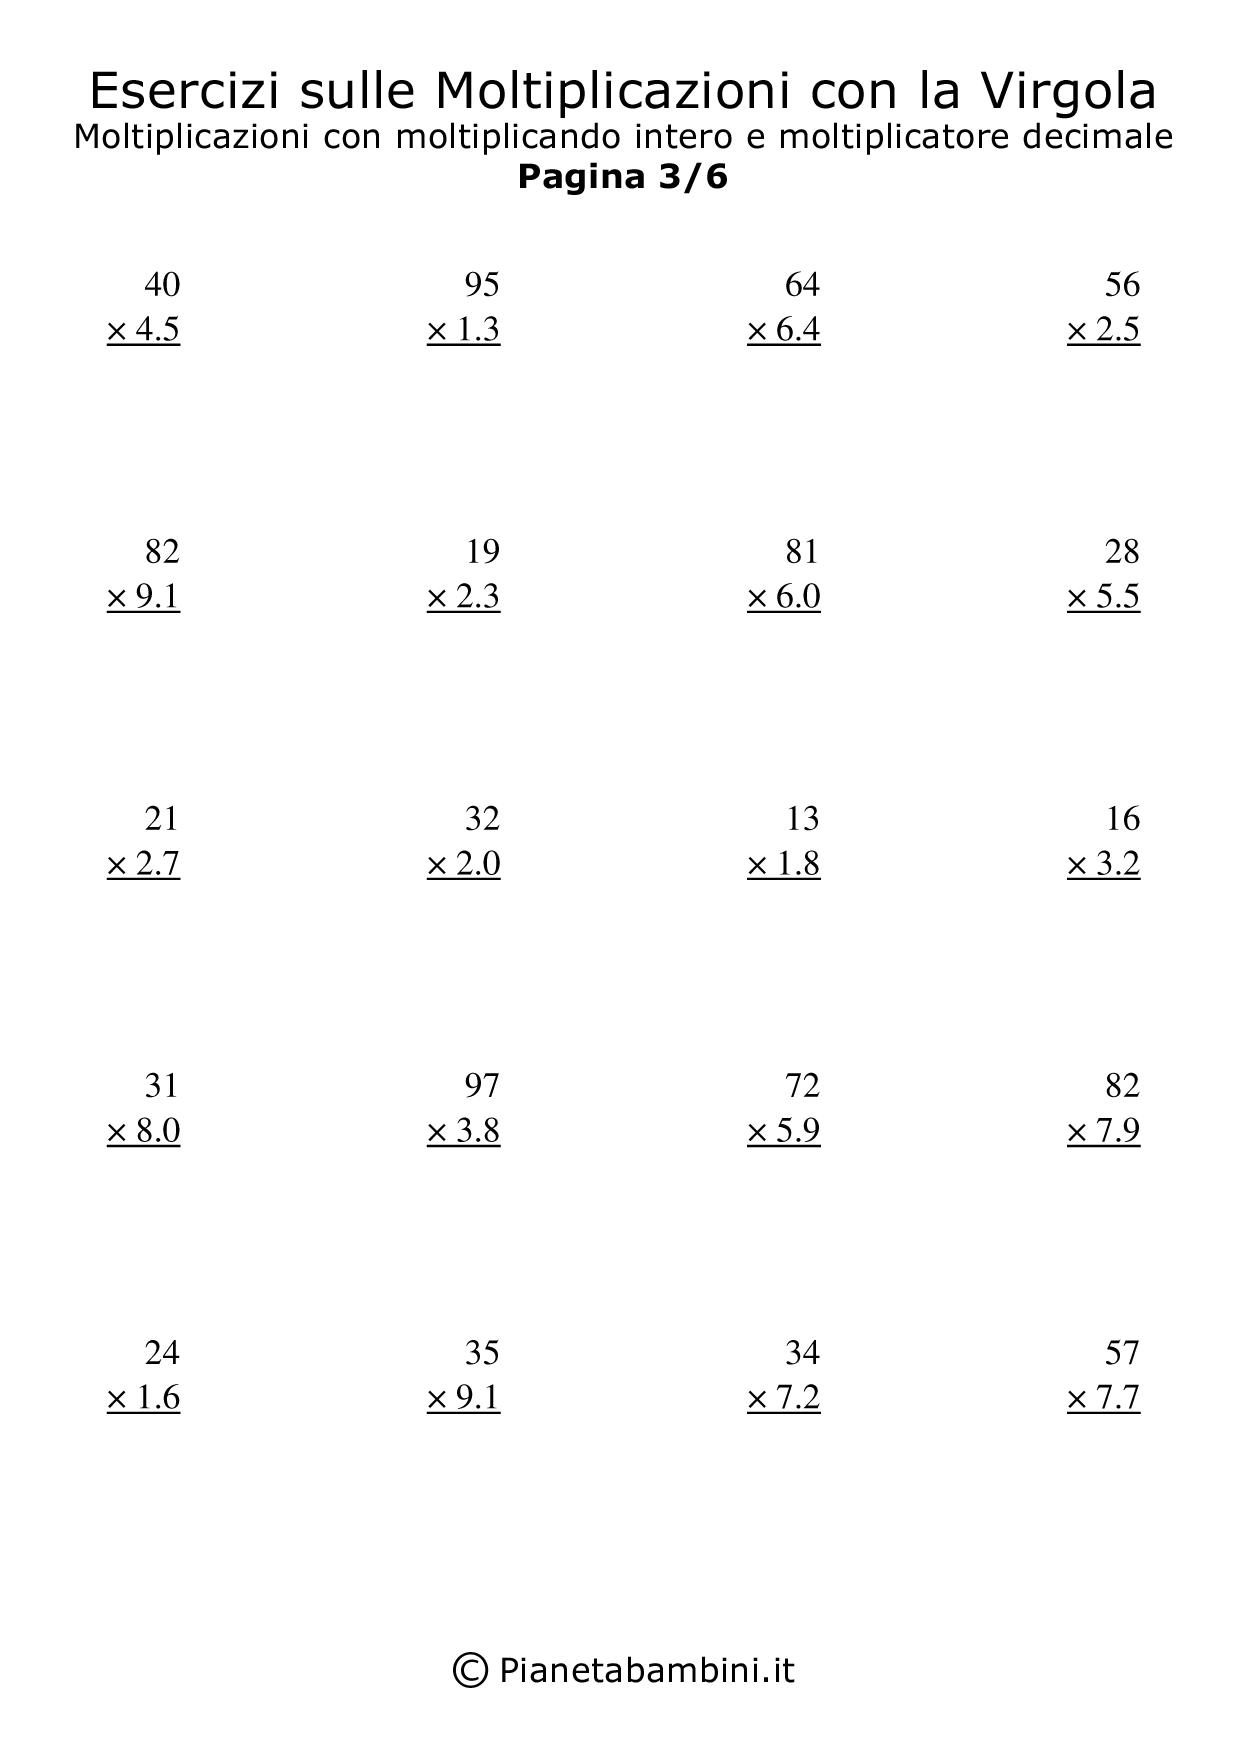 Moltiplicazioni-Virgola-Intero-X-Decimale_3